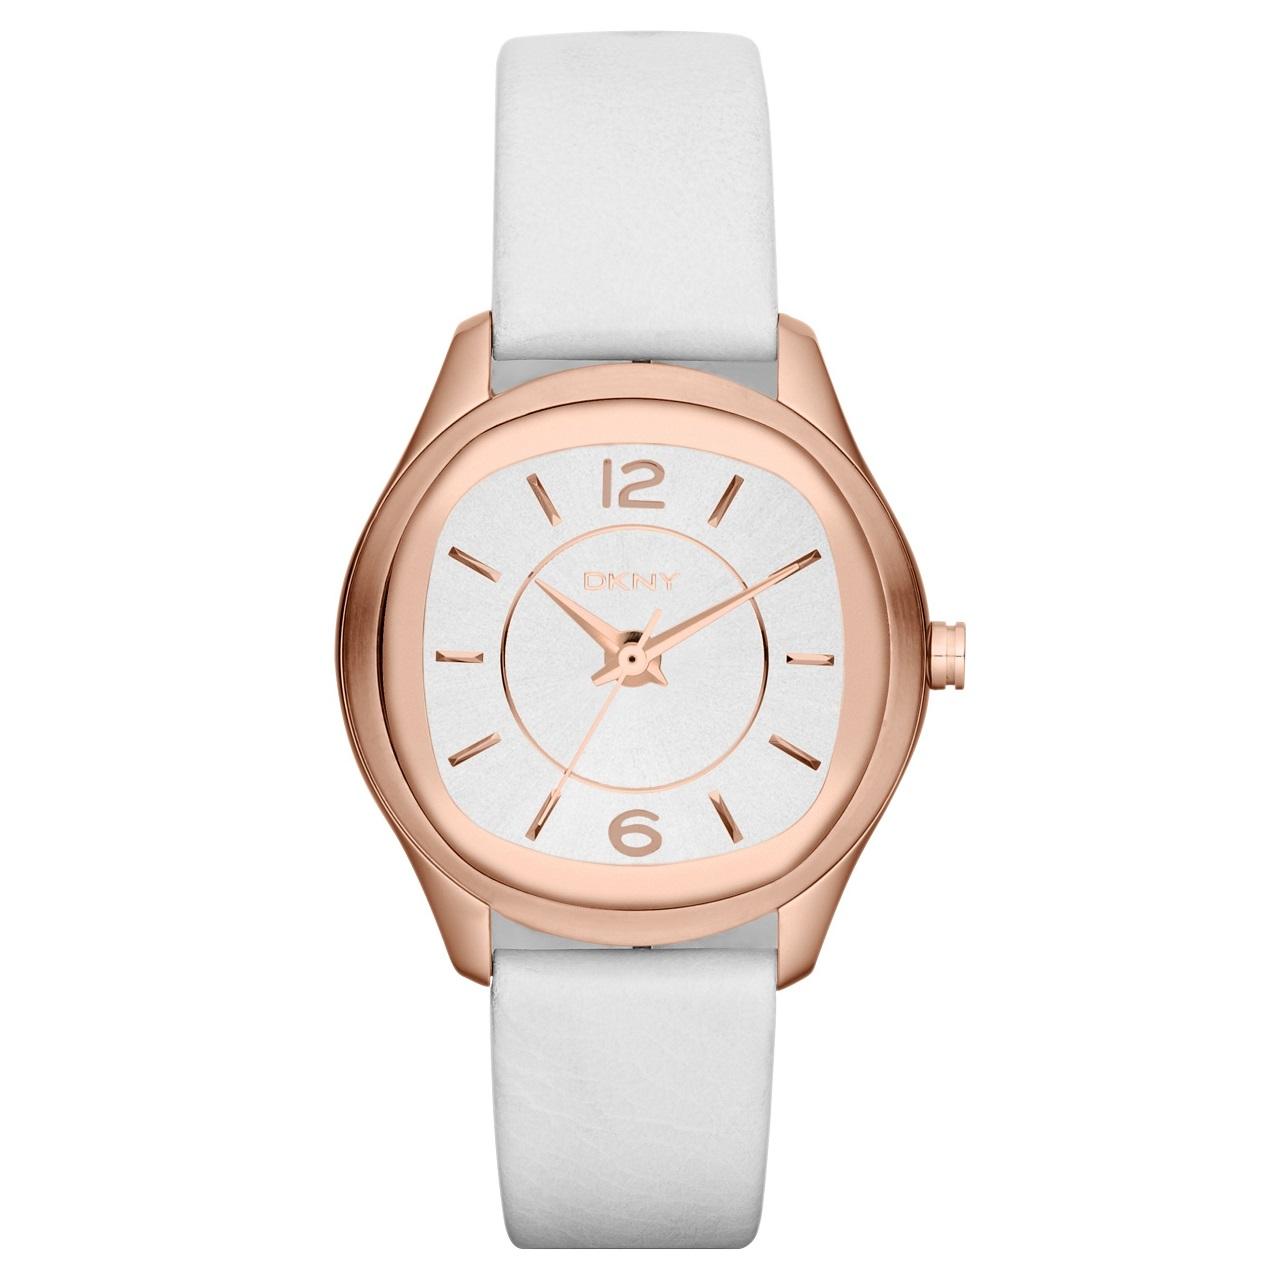 นาฬิกา DKNY รุ่น NY8808 นาฬิกาข้อมือผู้หญิง ของแท้ รับประกันศูนย์ 2 ปี ส่งพร้อมกล่อง และใบรับประกันศูนย์